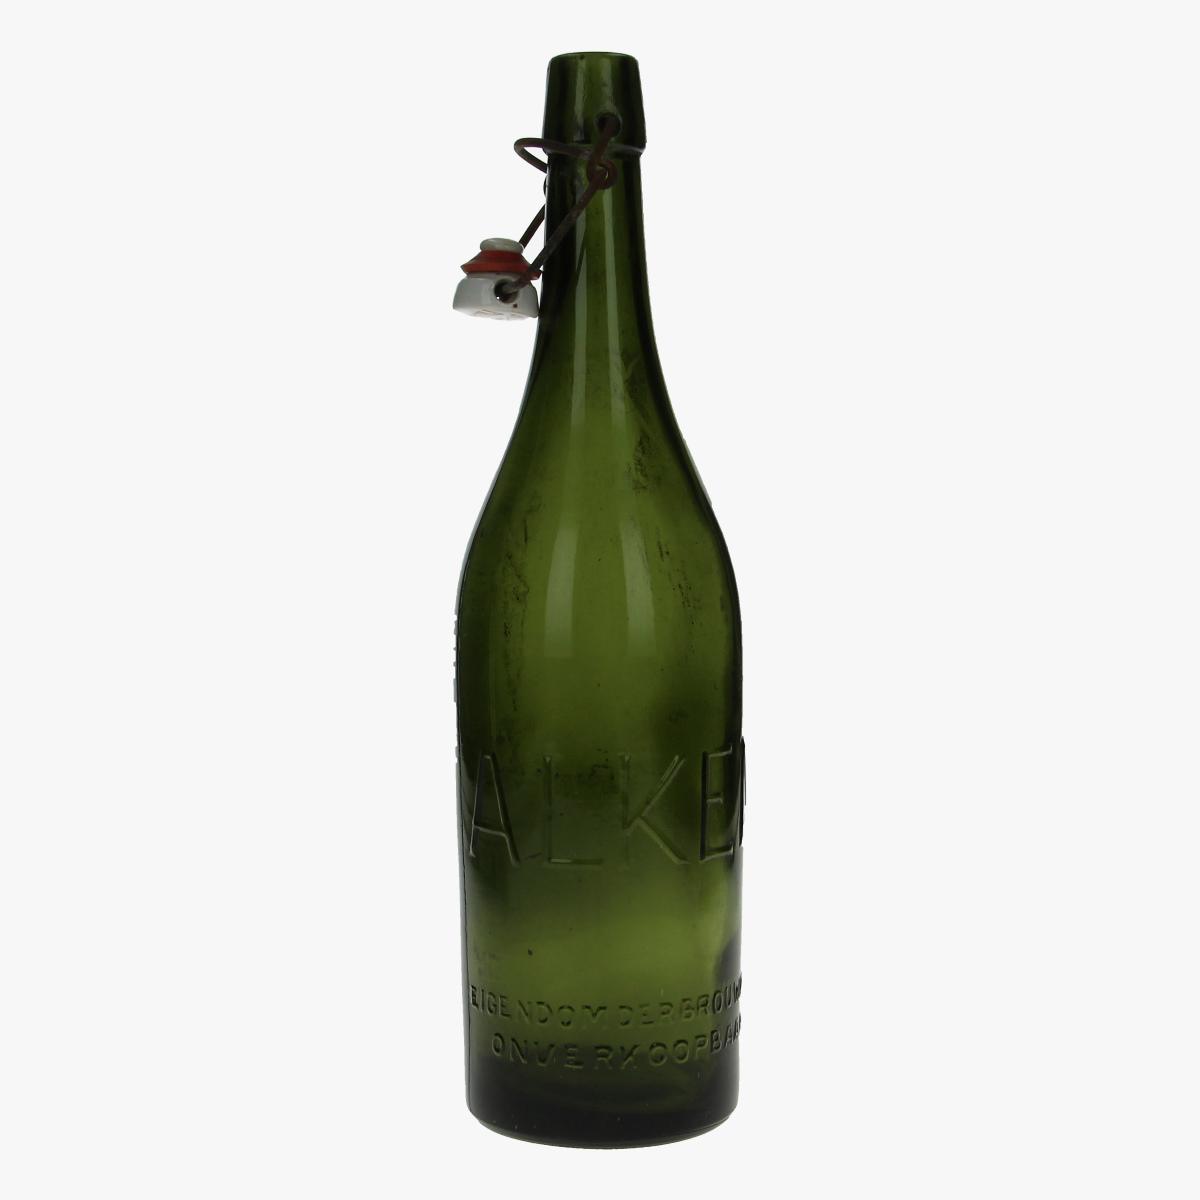 Afbeeldingen van oude fles brouwerij van Alken